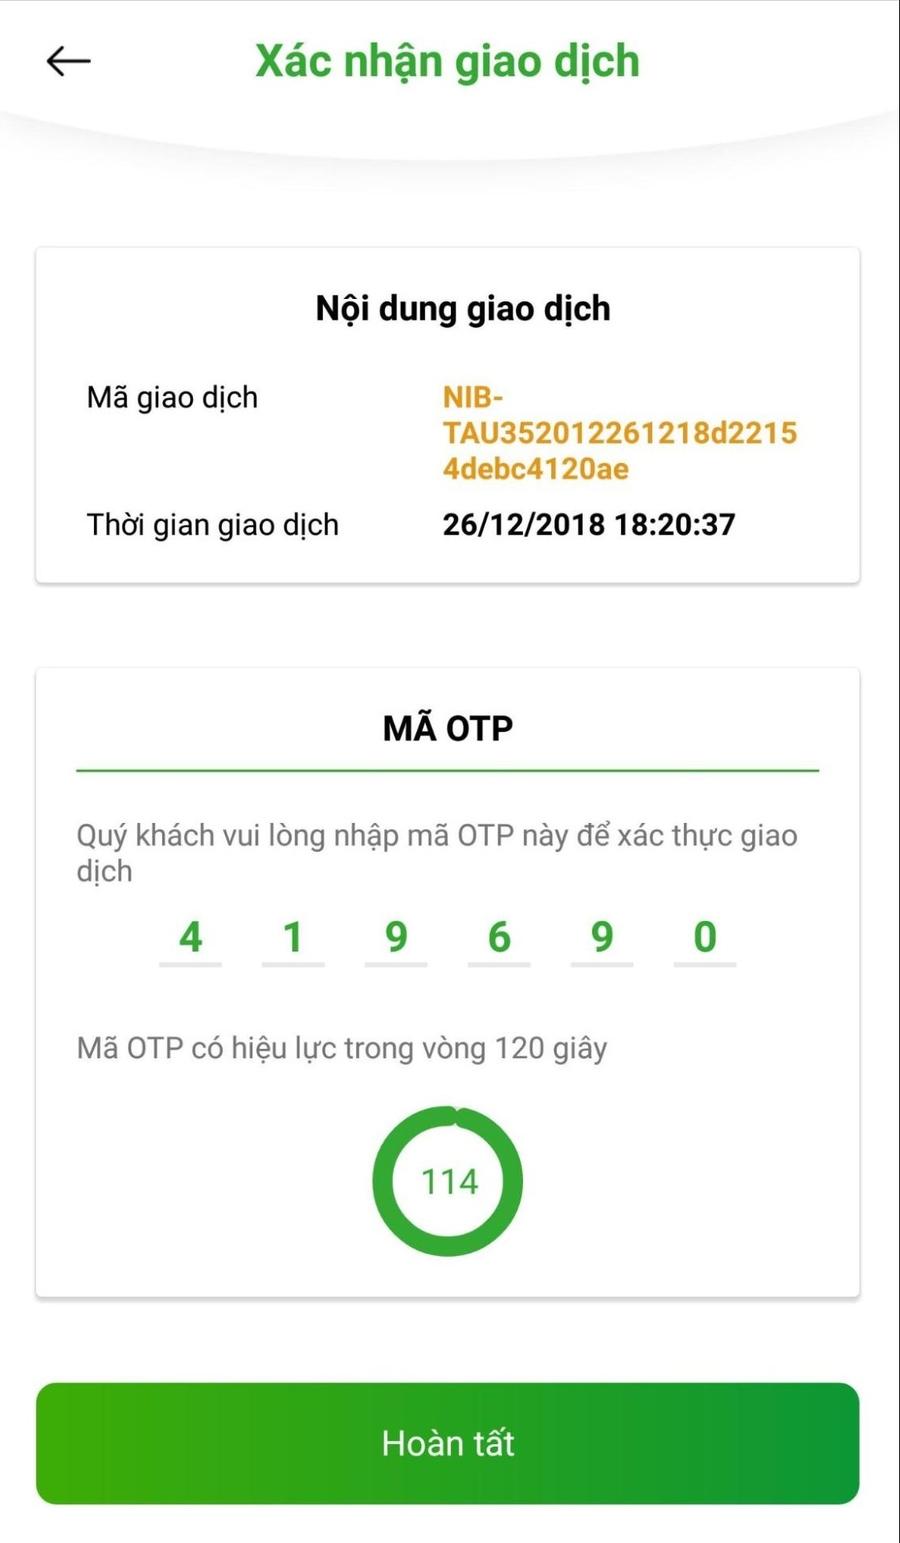 Mã OTP dùng để xác thực giao dịch.